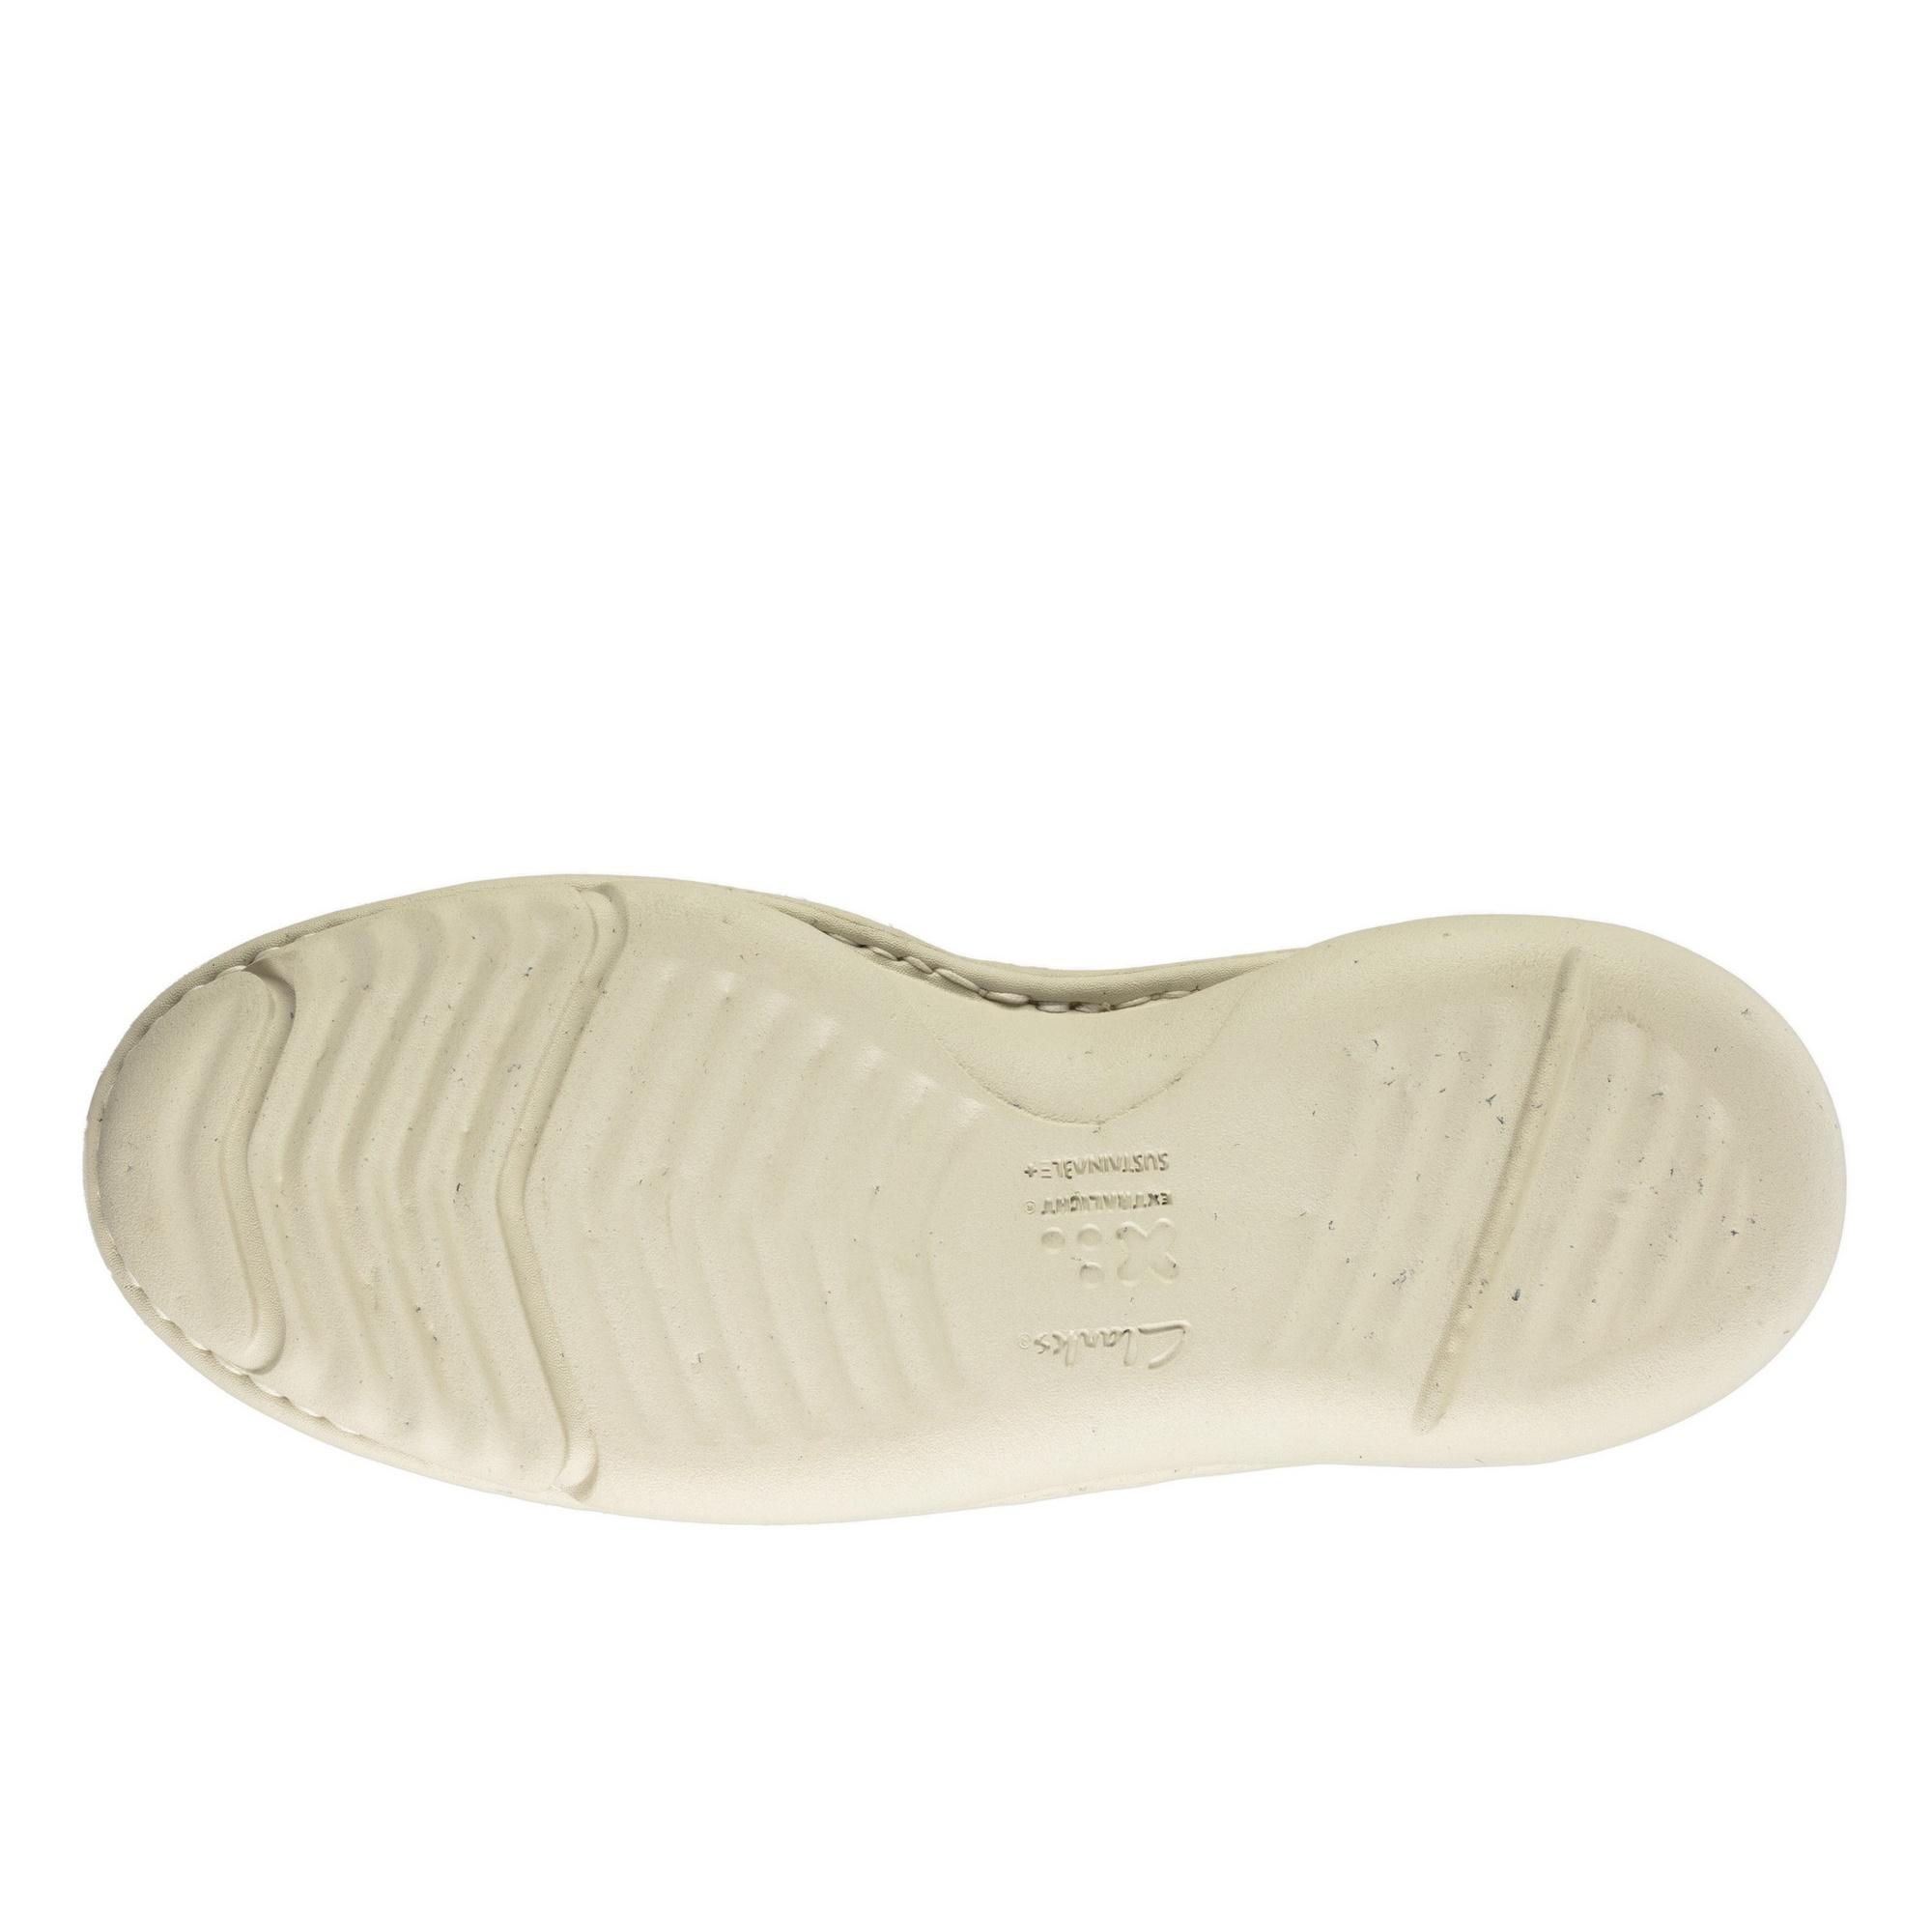 miniature 13 - Clarks - Chaussures décontractées ORIGIN - Homme (CK114)